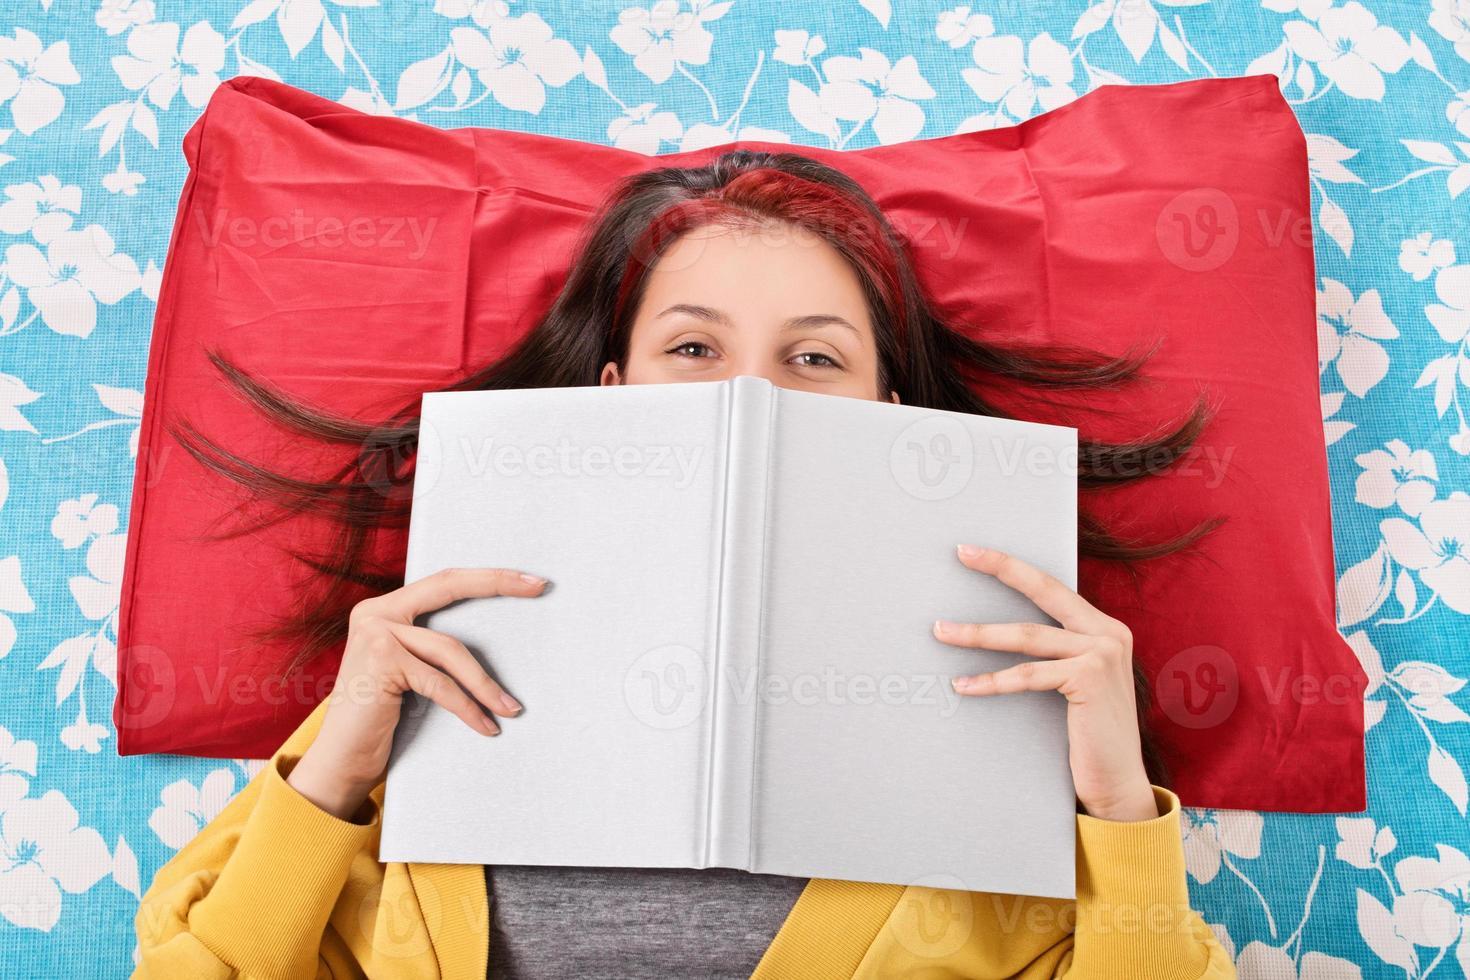 niña en la cama escondiendo su rostro detrás de un libro foto